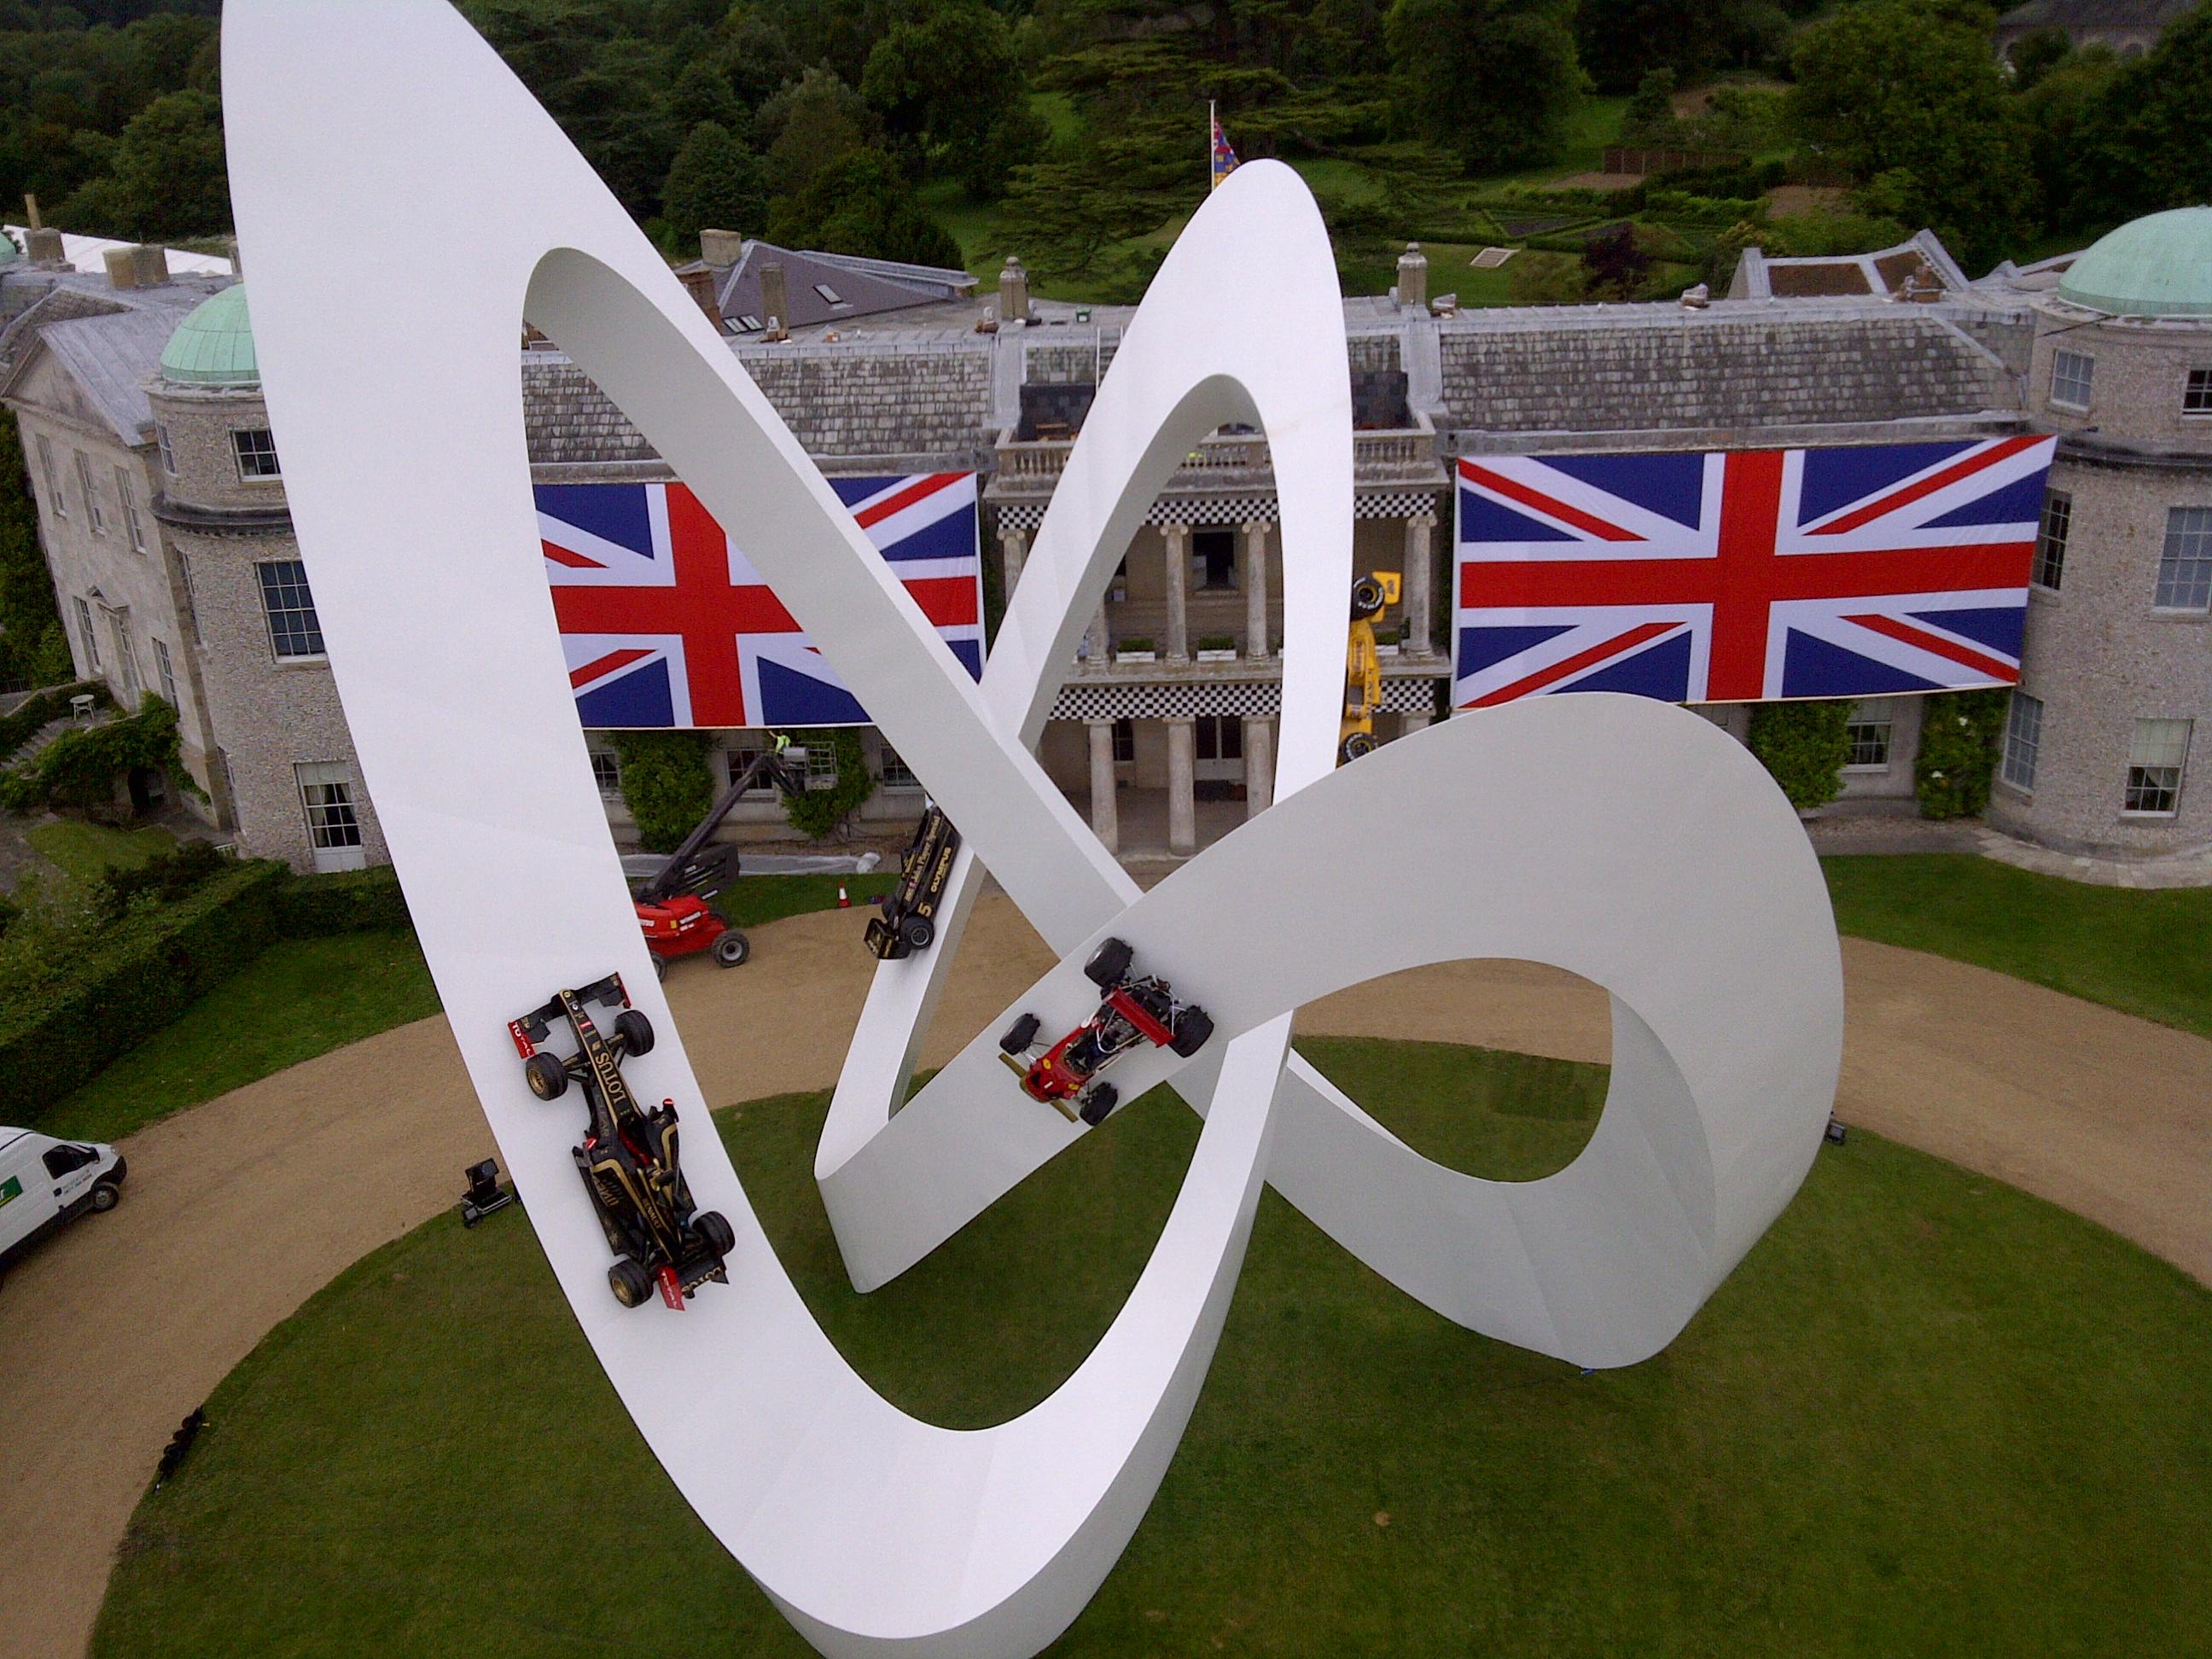 Lotus Sculpture at Goodwood FOS